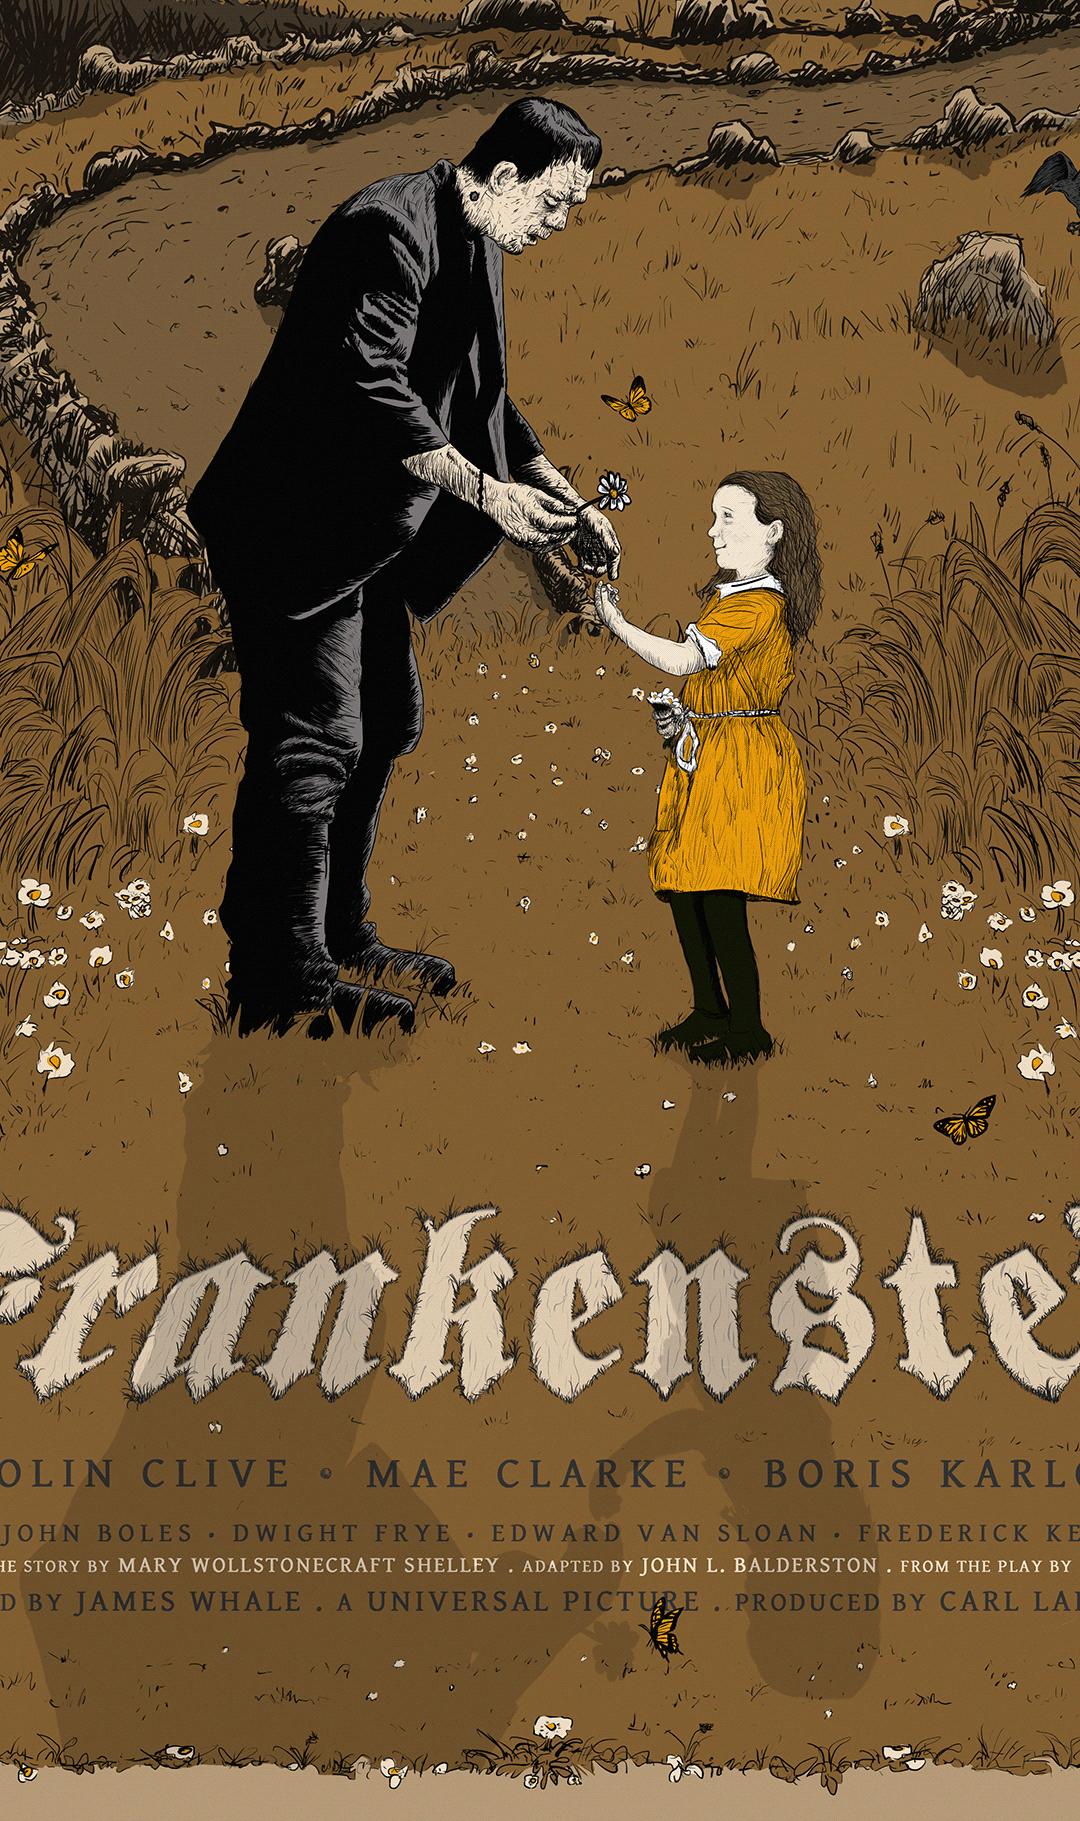 frankenstein ILLUSTRATION  macabre movie poster print raven book cover ilustration